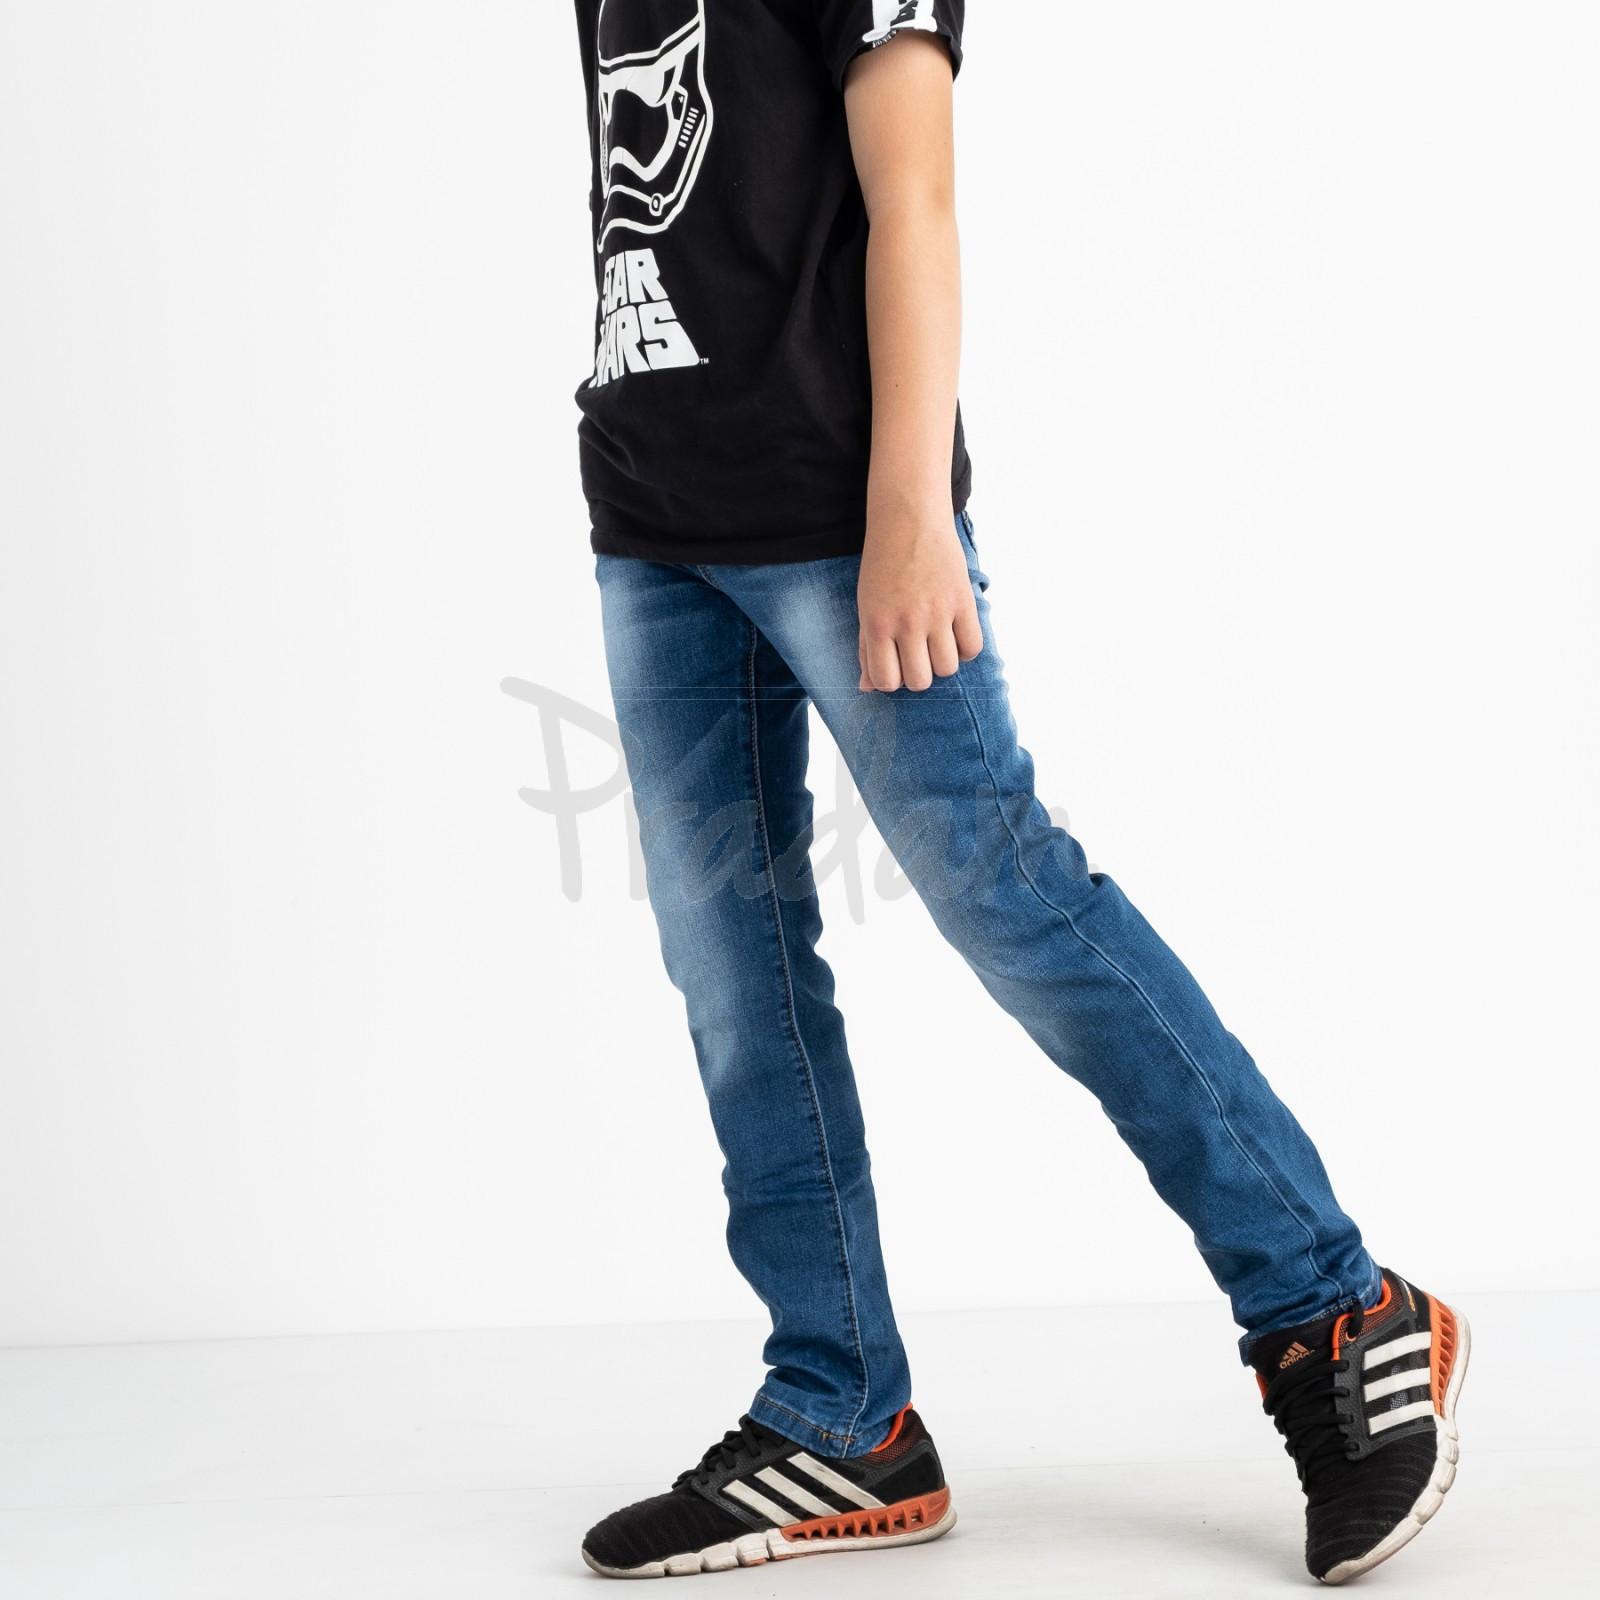 0091-2 Vingvgs джинсы юниор синие стрейчевые (6 ед. размеры: 30.31.32.33.34.35)